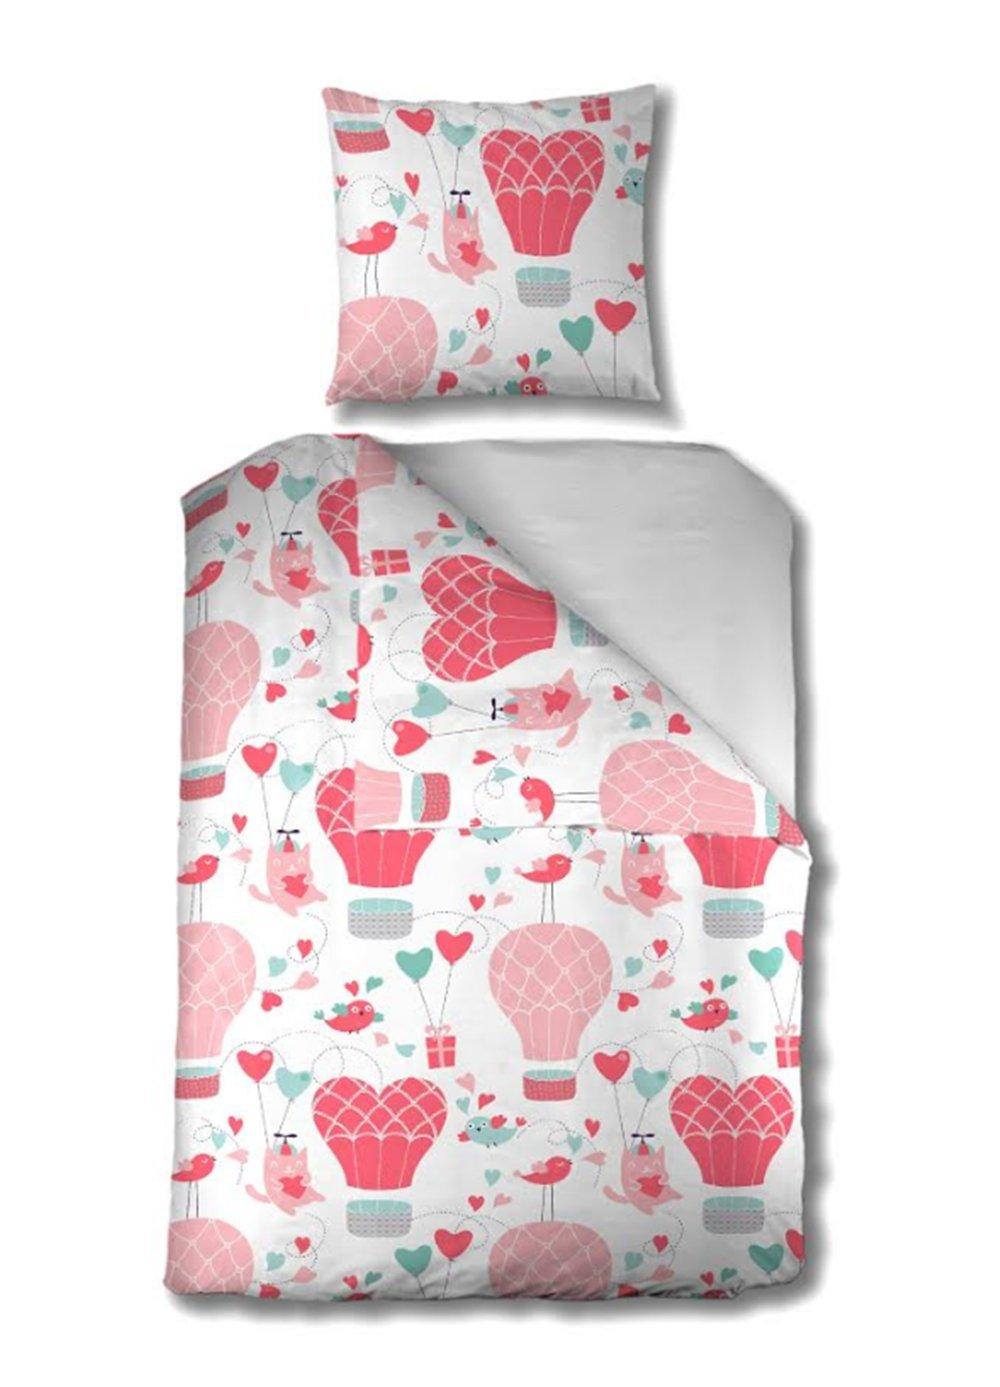 Aminata Kids – Bettwäsche 135x200 cm Kinder Mädchen Heißluftballon Baumwolle + Reißverschluss Pink Rosa Weiß Herzen Vogel Katze Tier Ballon Kinderbettwäsche 2-teiliges Bettwäscheset Bettbezug Ganzjahr